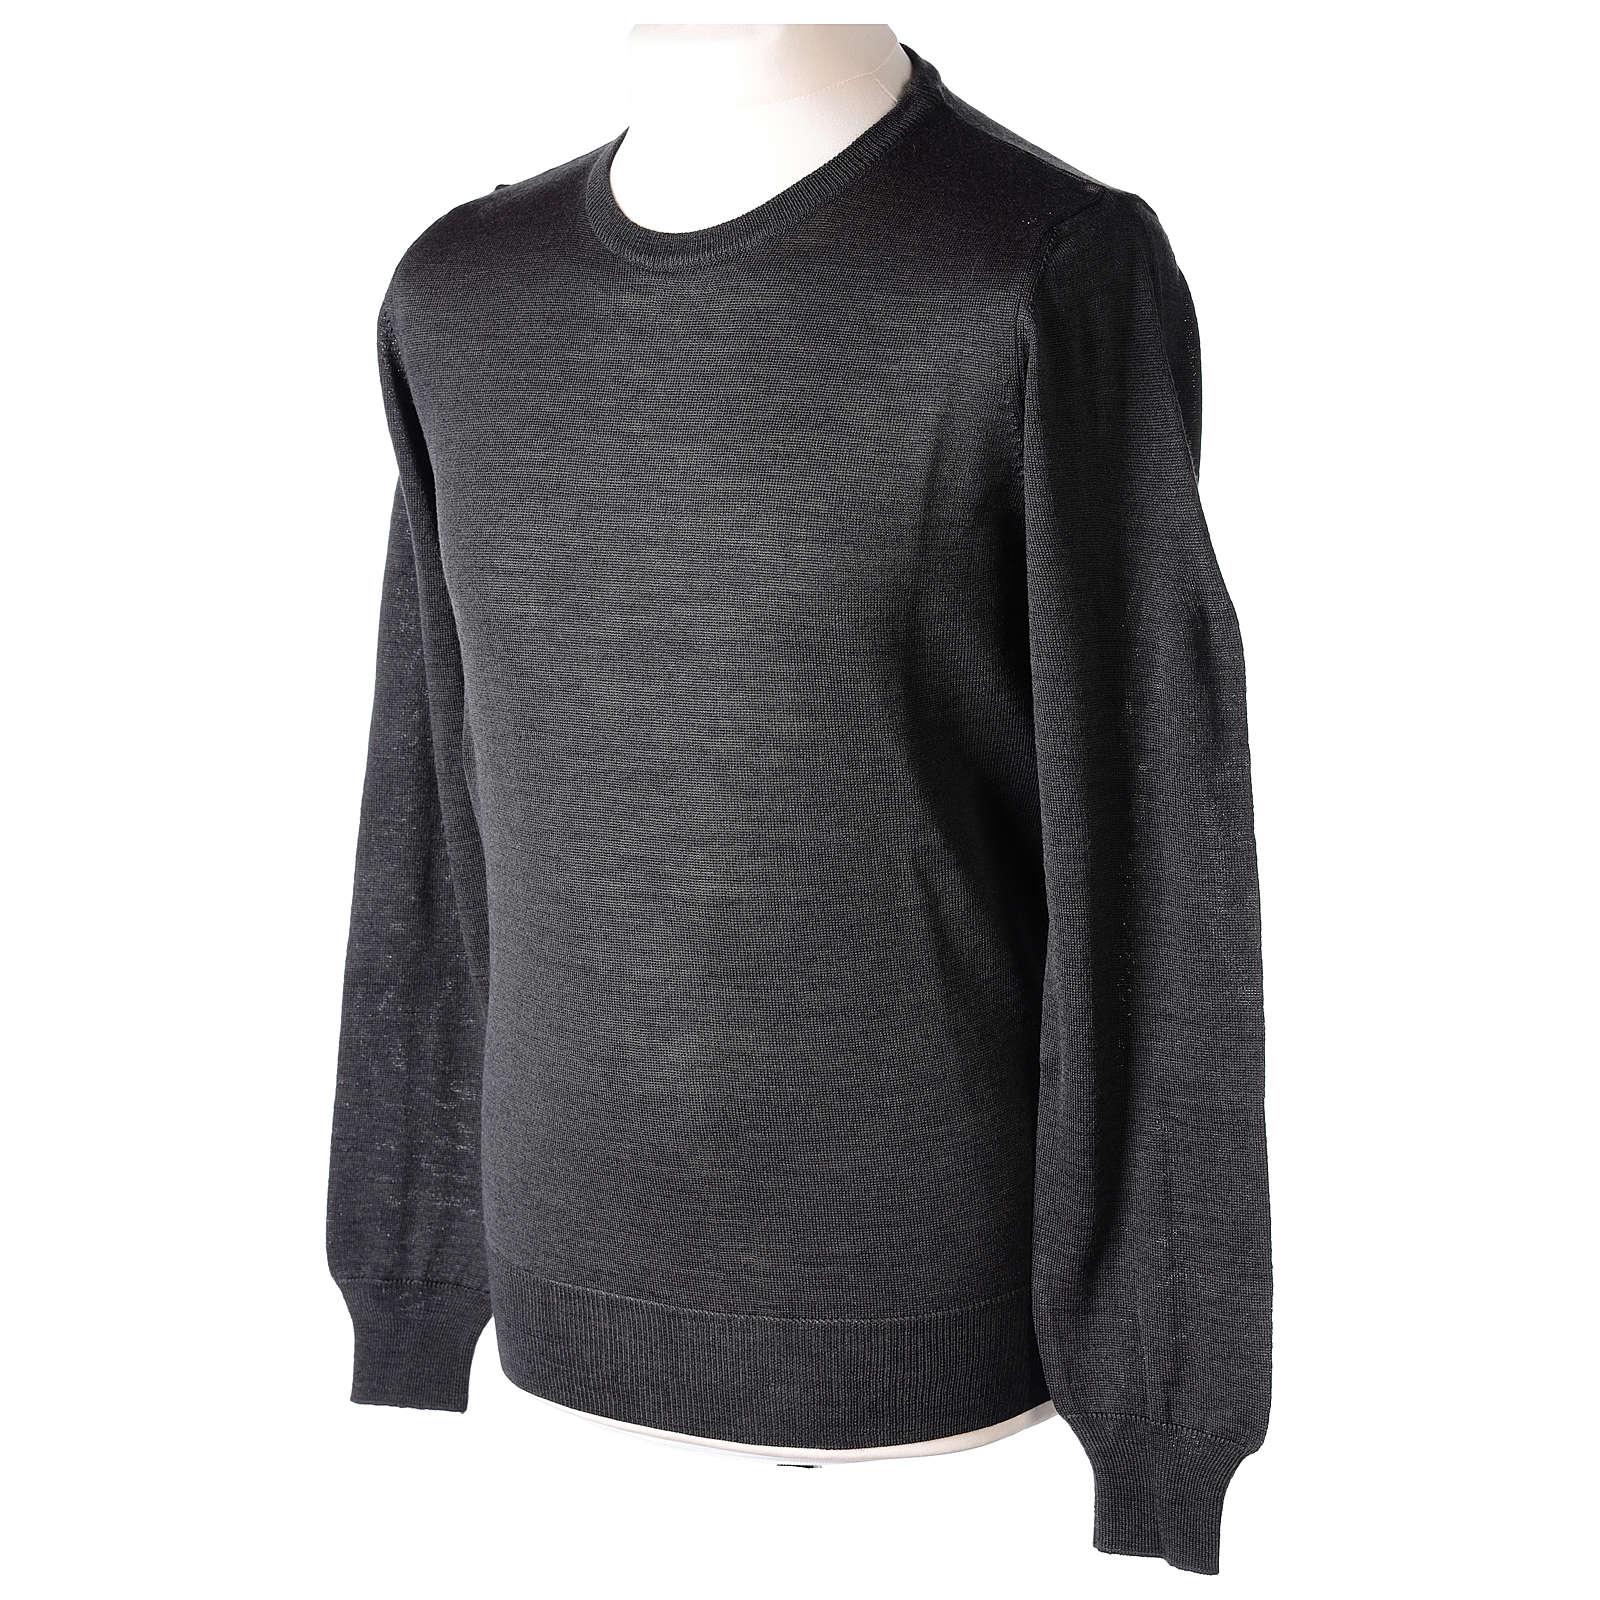 Pull prêtre gris anthracite ras-de-cou jersey simple 50% acrylique 50% laine mérinos 4